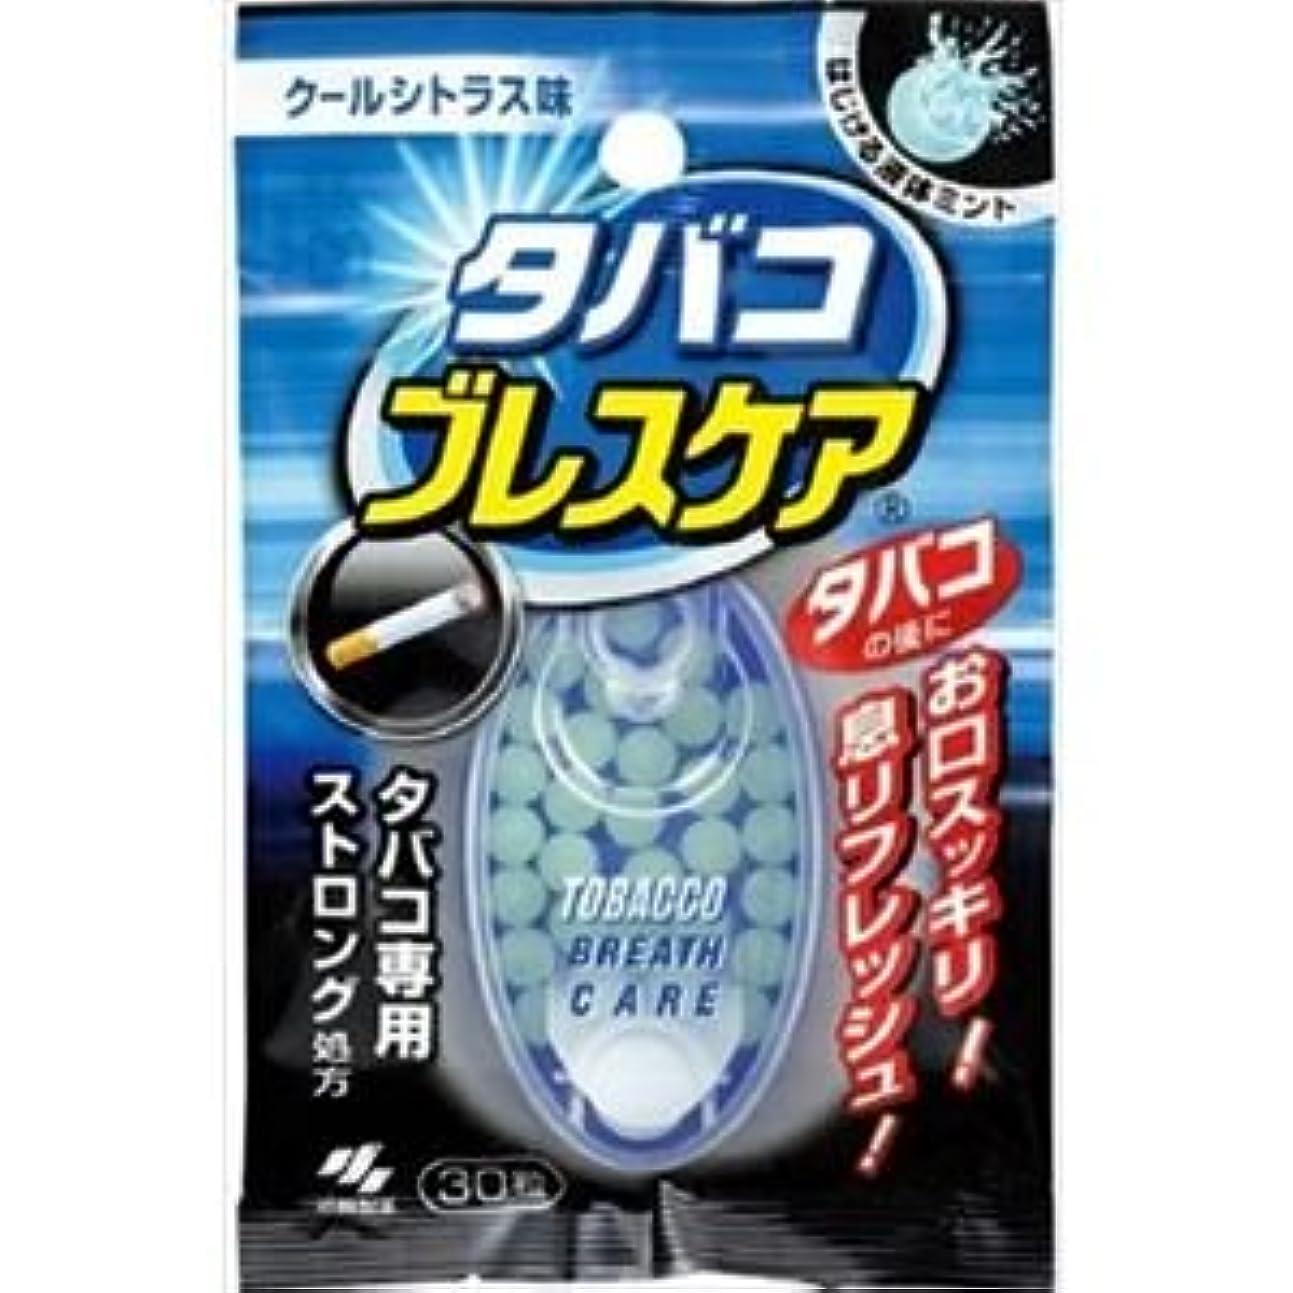 下る銀河クリック(まとめ)小林製薬 タバコブレスケア 30粒 【×6点セット】